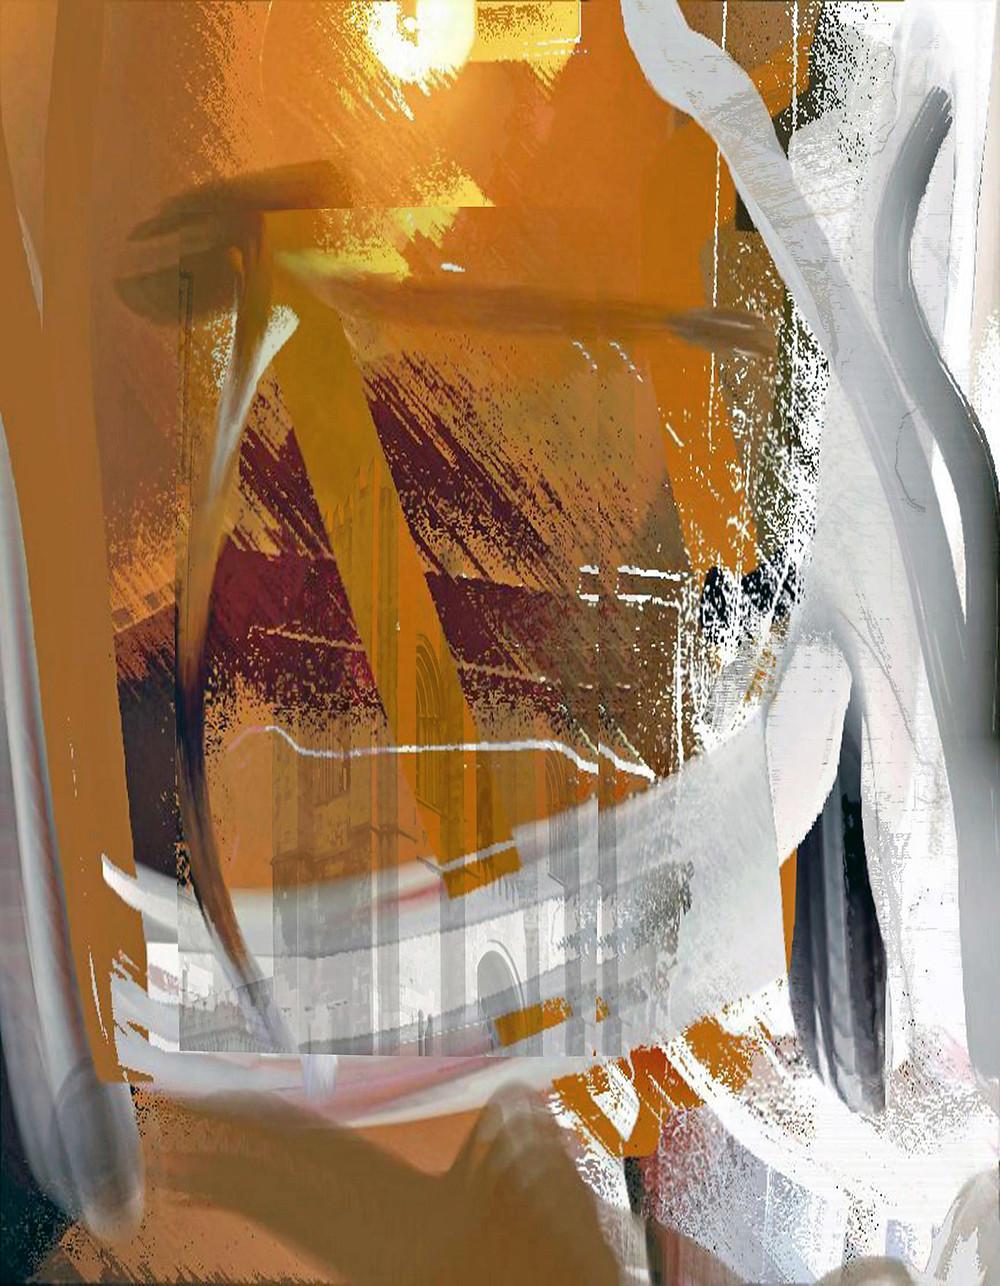 Laske Color #3, Focus of Devotion, 18x14